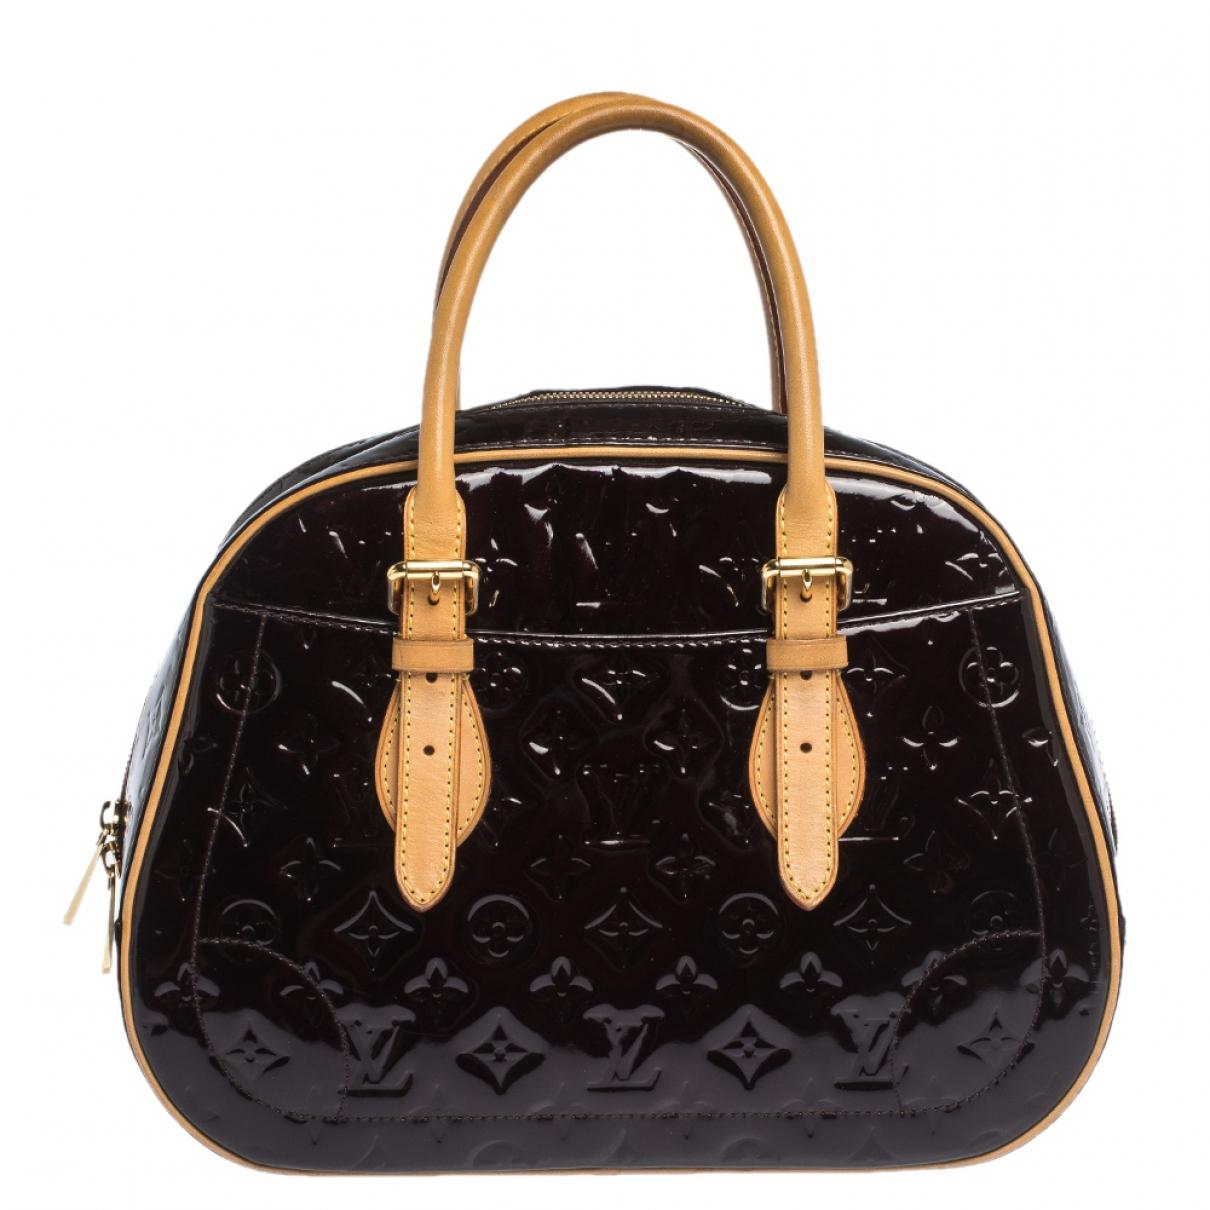 Louis Vuitton - Sac a main Summit  pour femme en cuir verni